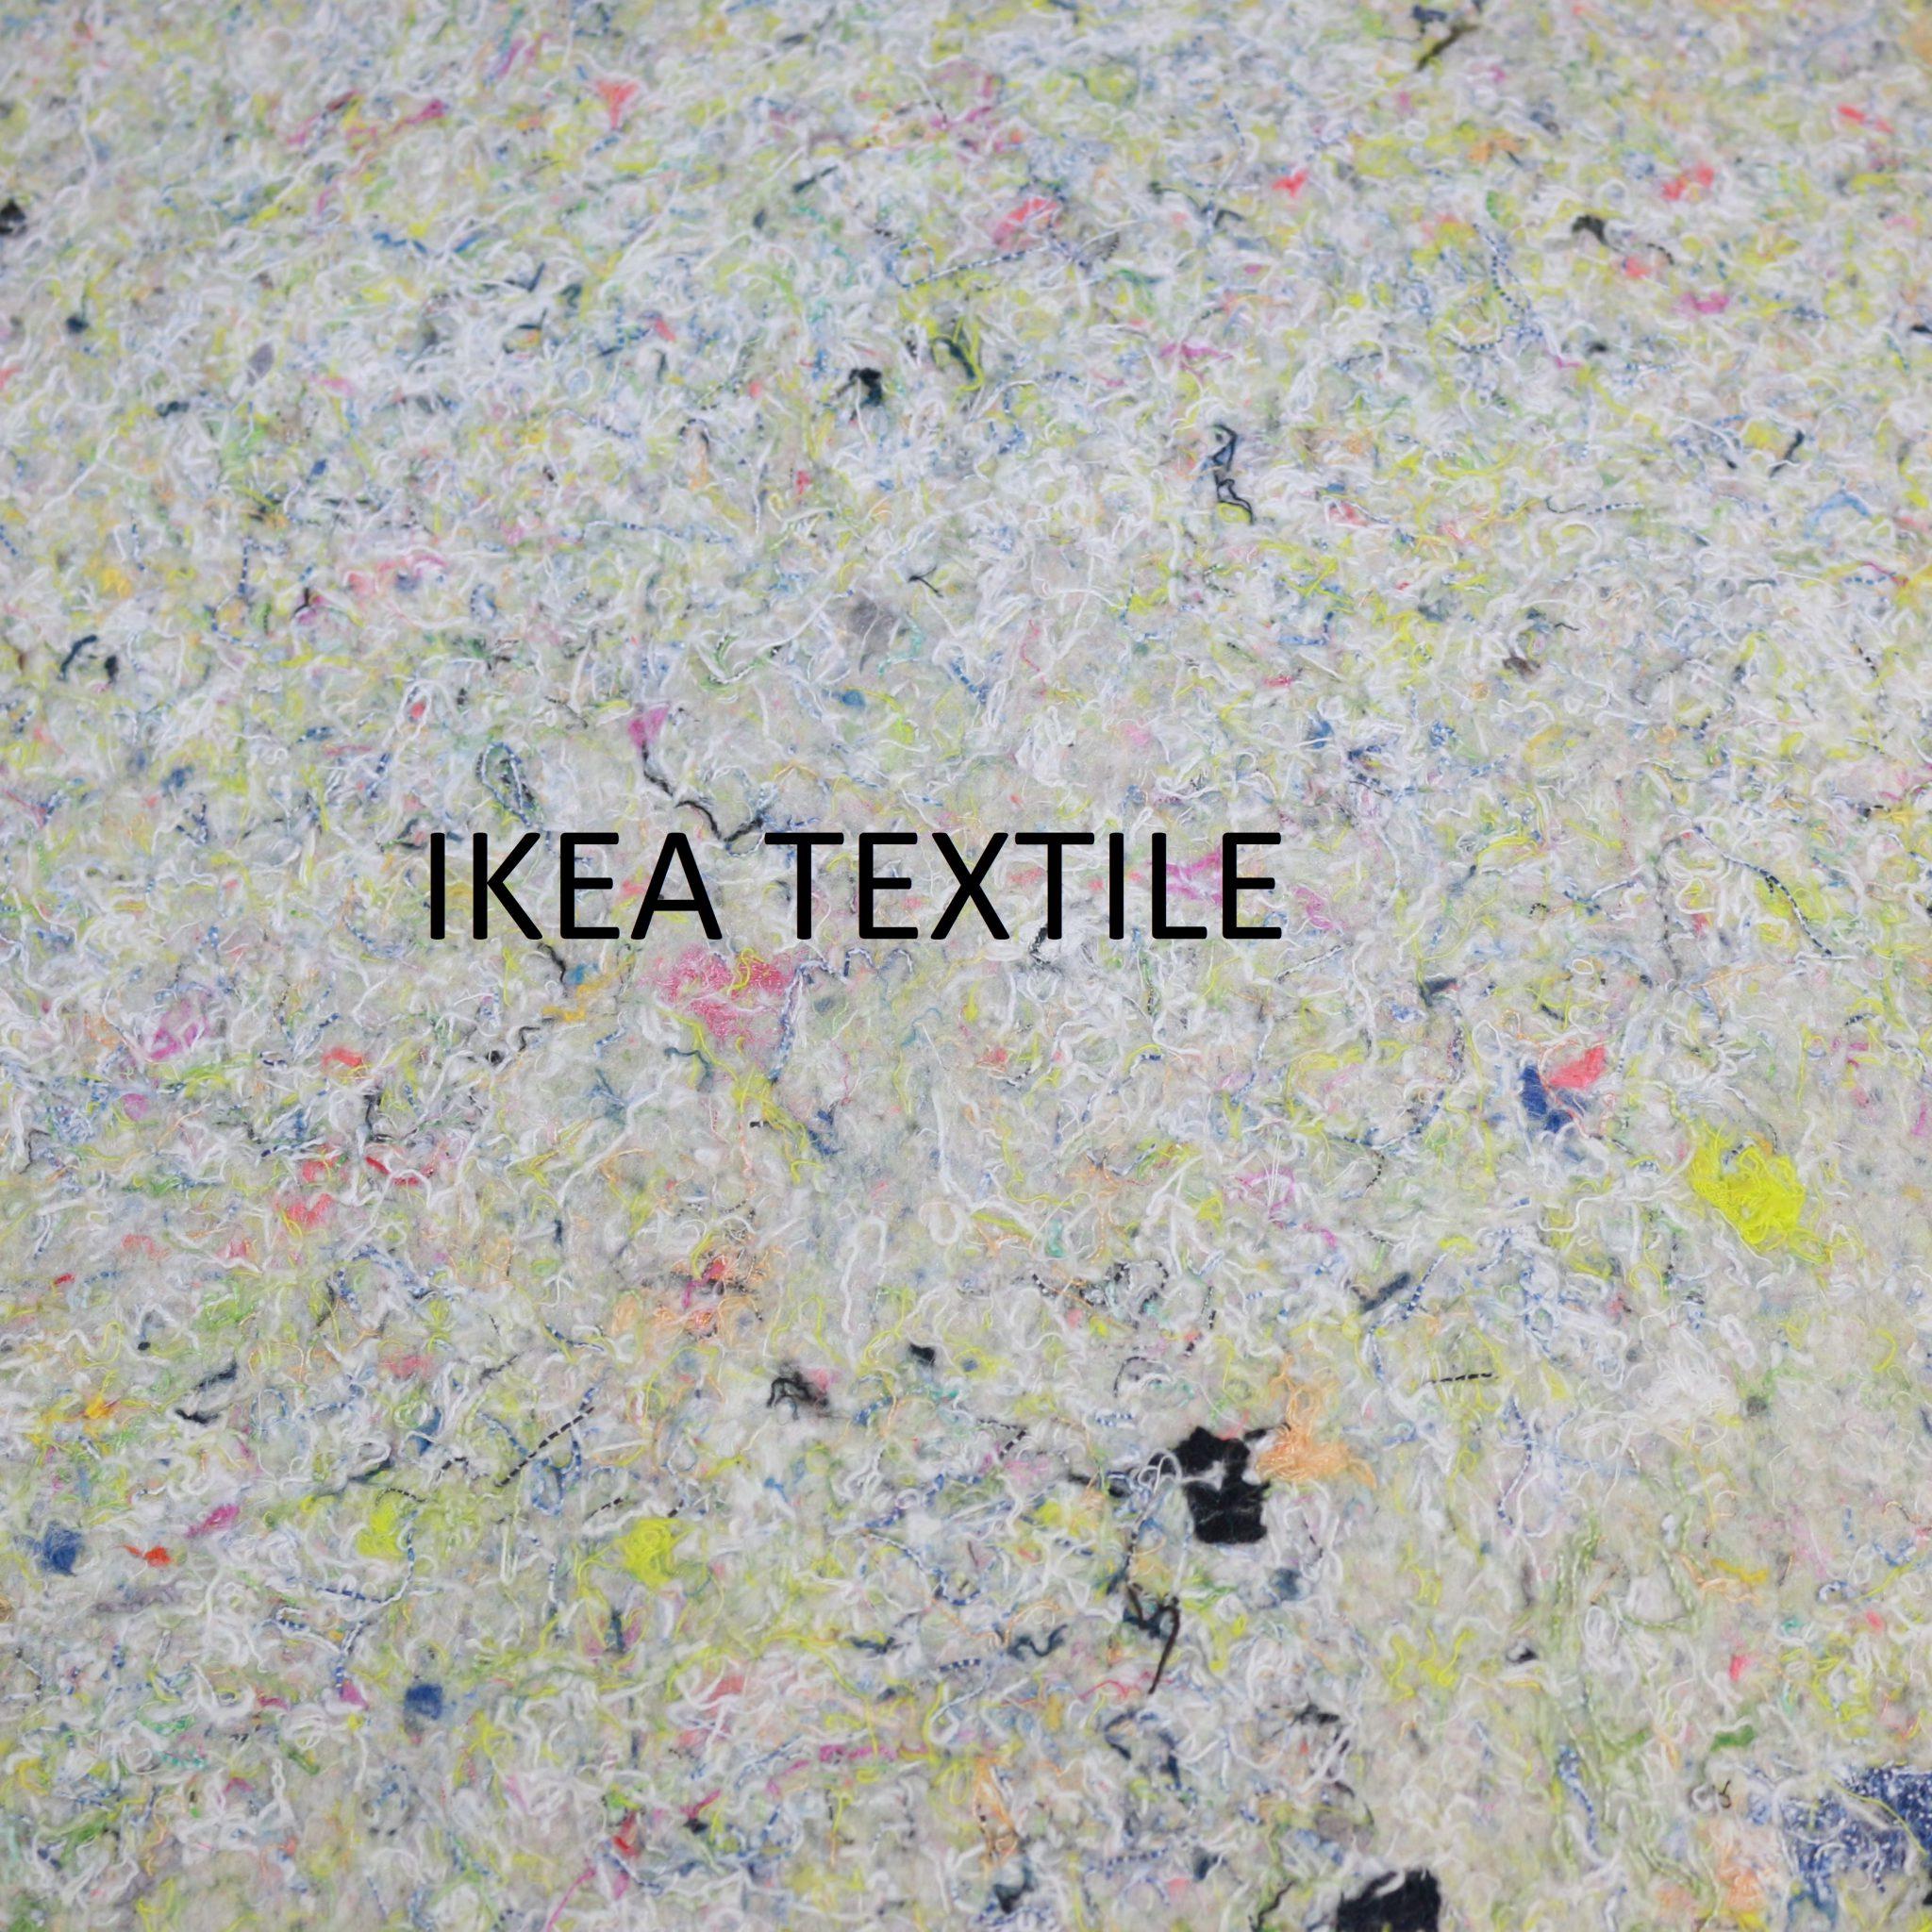 IKEA Textile aangepast